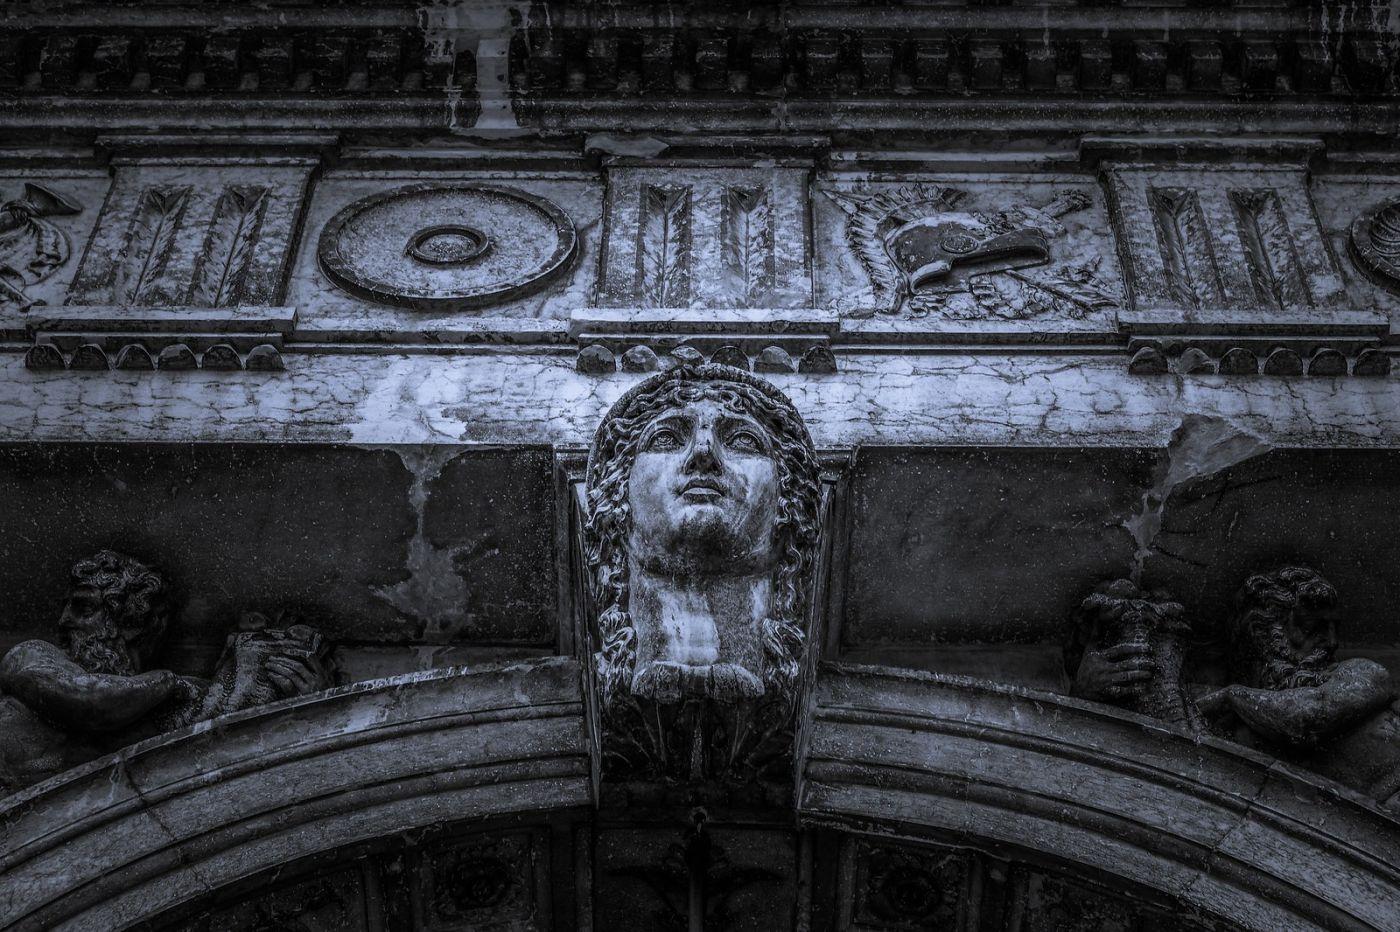 威尼斯圣马可广场(St Mark's Square), 独一无二_图1-28